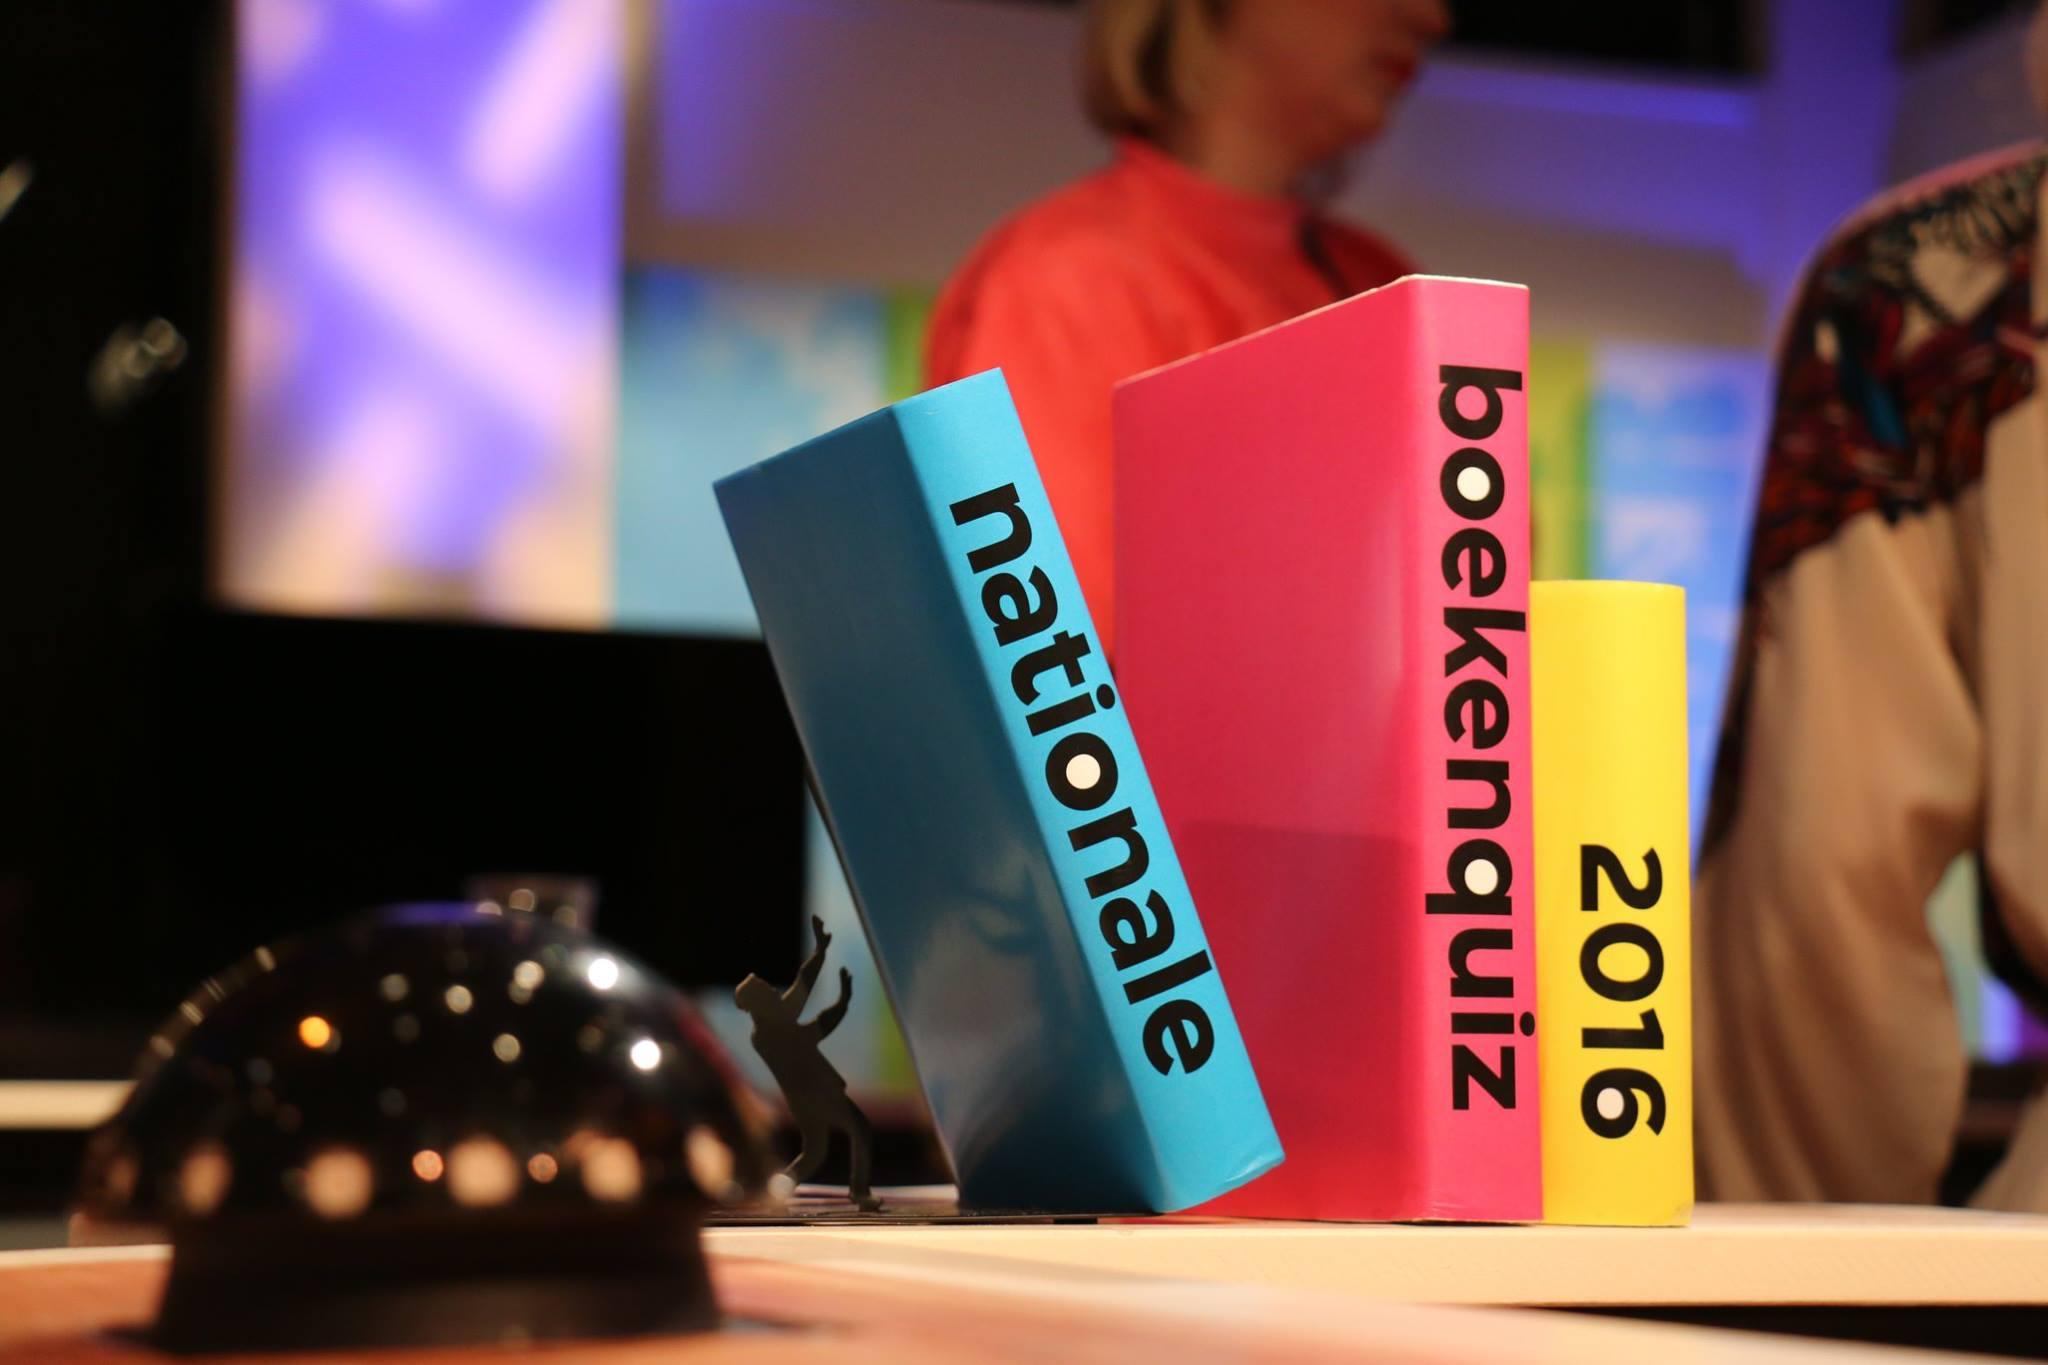 Bokaal voor de Nationale Boekenquiz 2016 (door Beeldmixer)